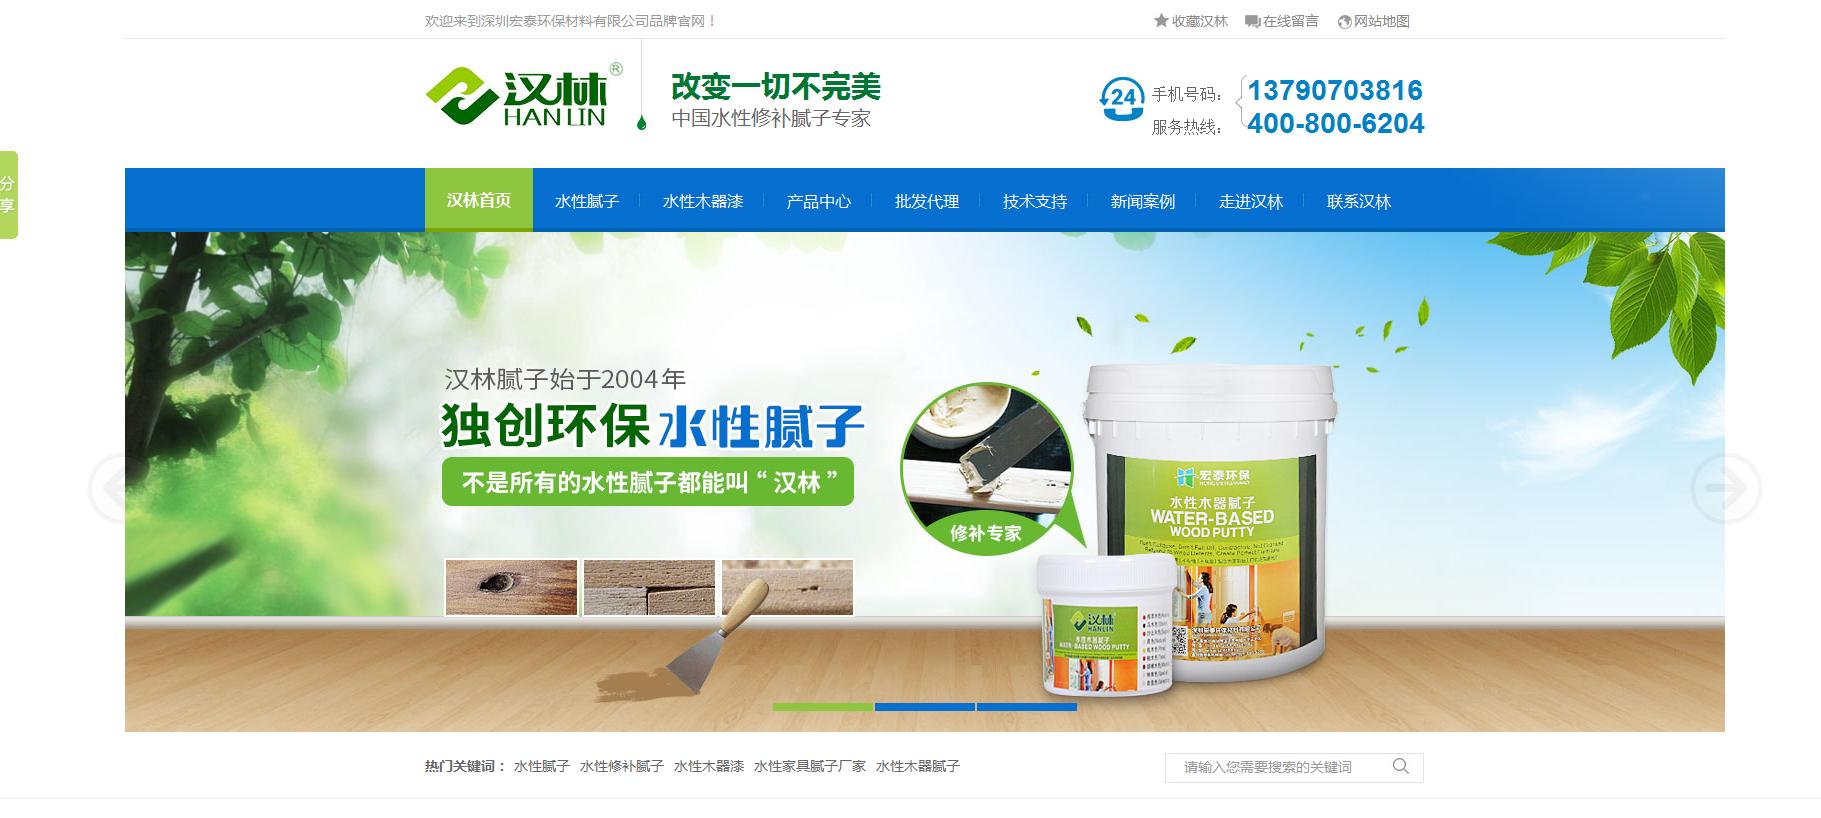 汉林腻子:专注水性腻子研发,推动木器腻子行业健康发展